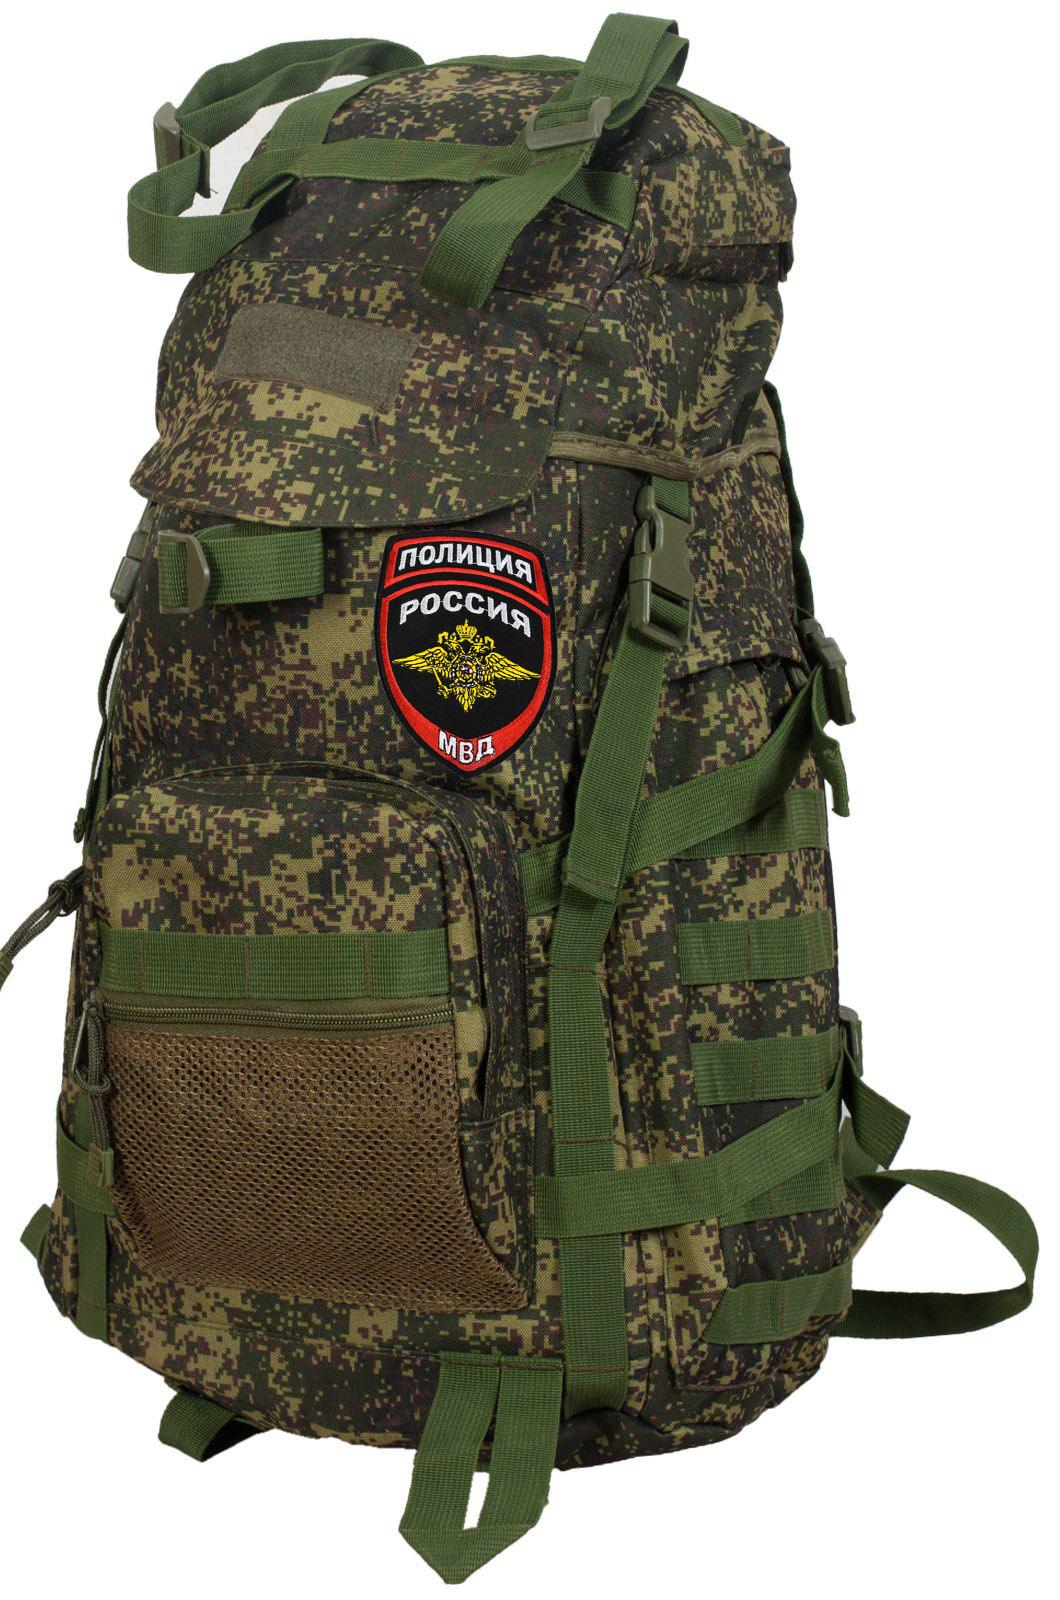 Зачетный рейдовый рюкзак с нашивкой Полиция России - купить в розницу